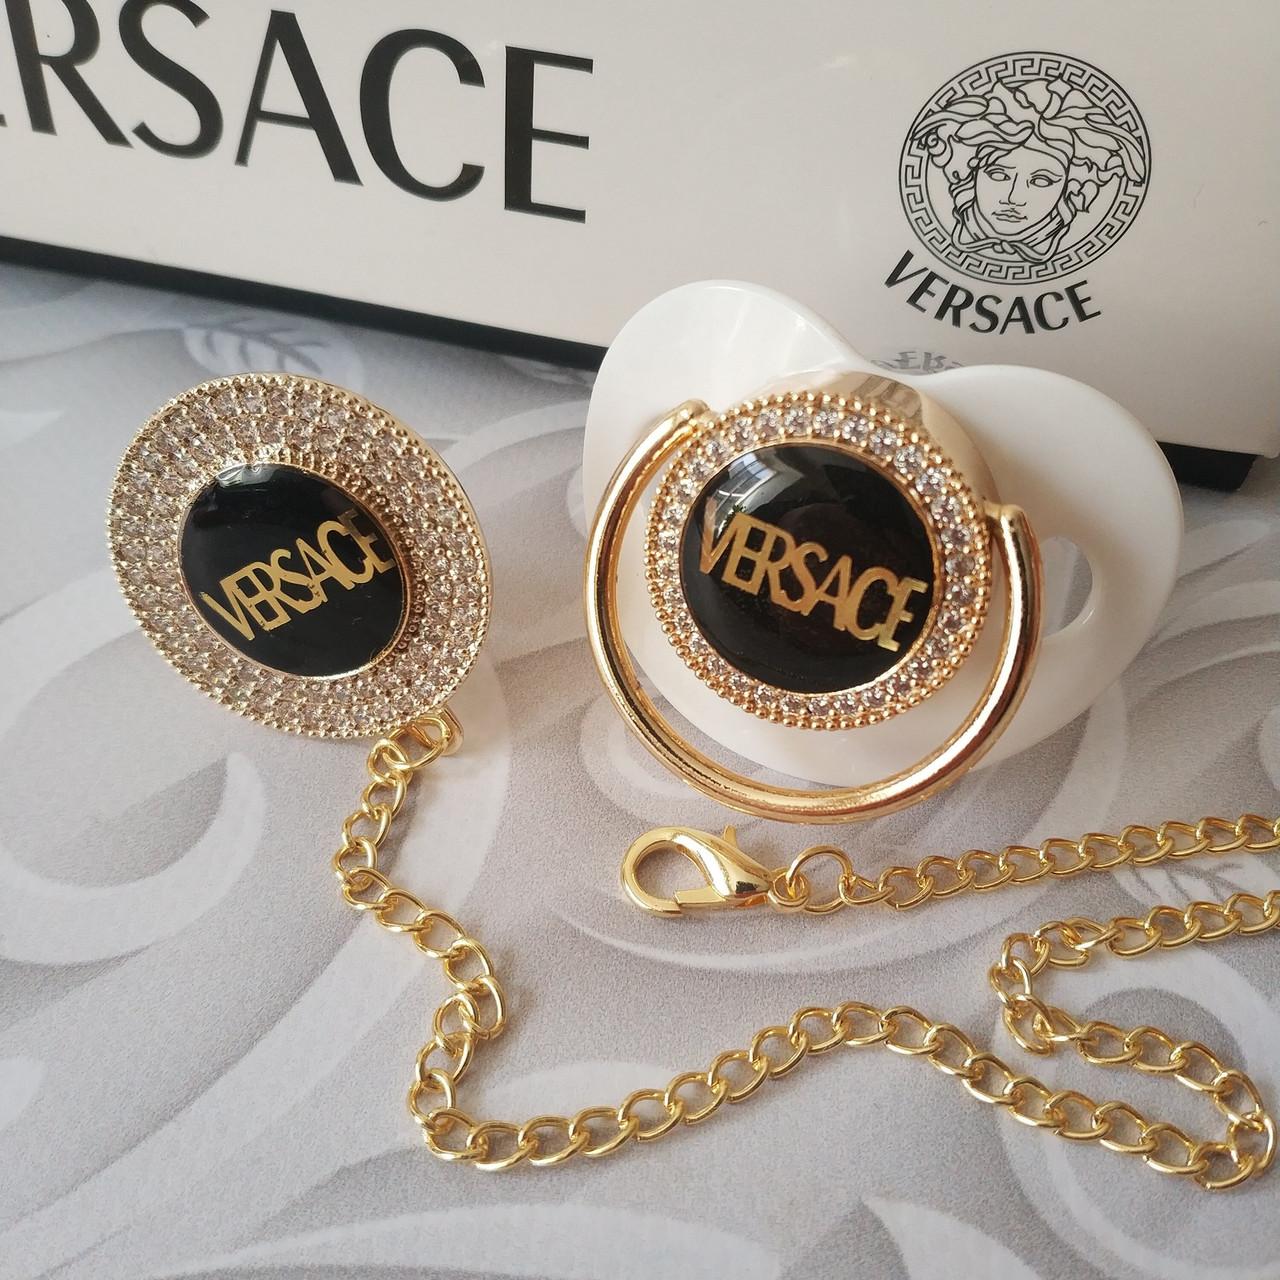 Пустышка, соска со стразами Versace и держатель, комплект